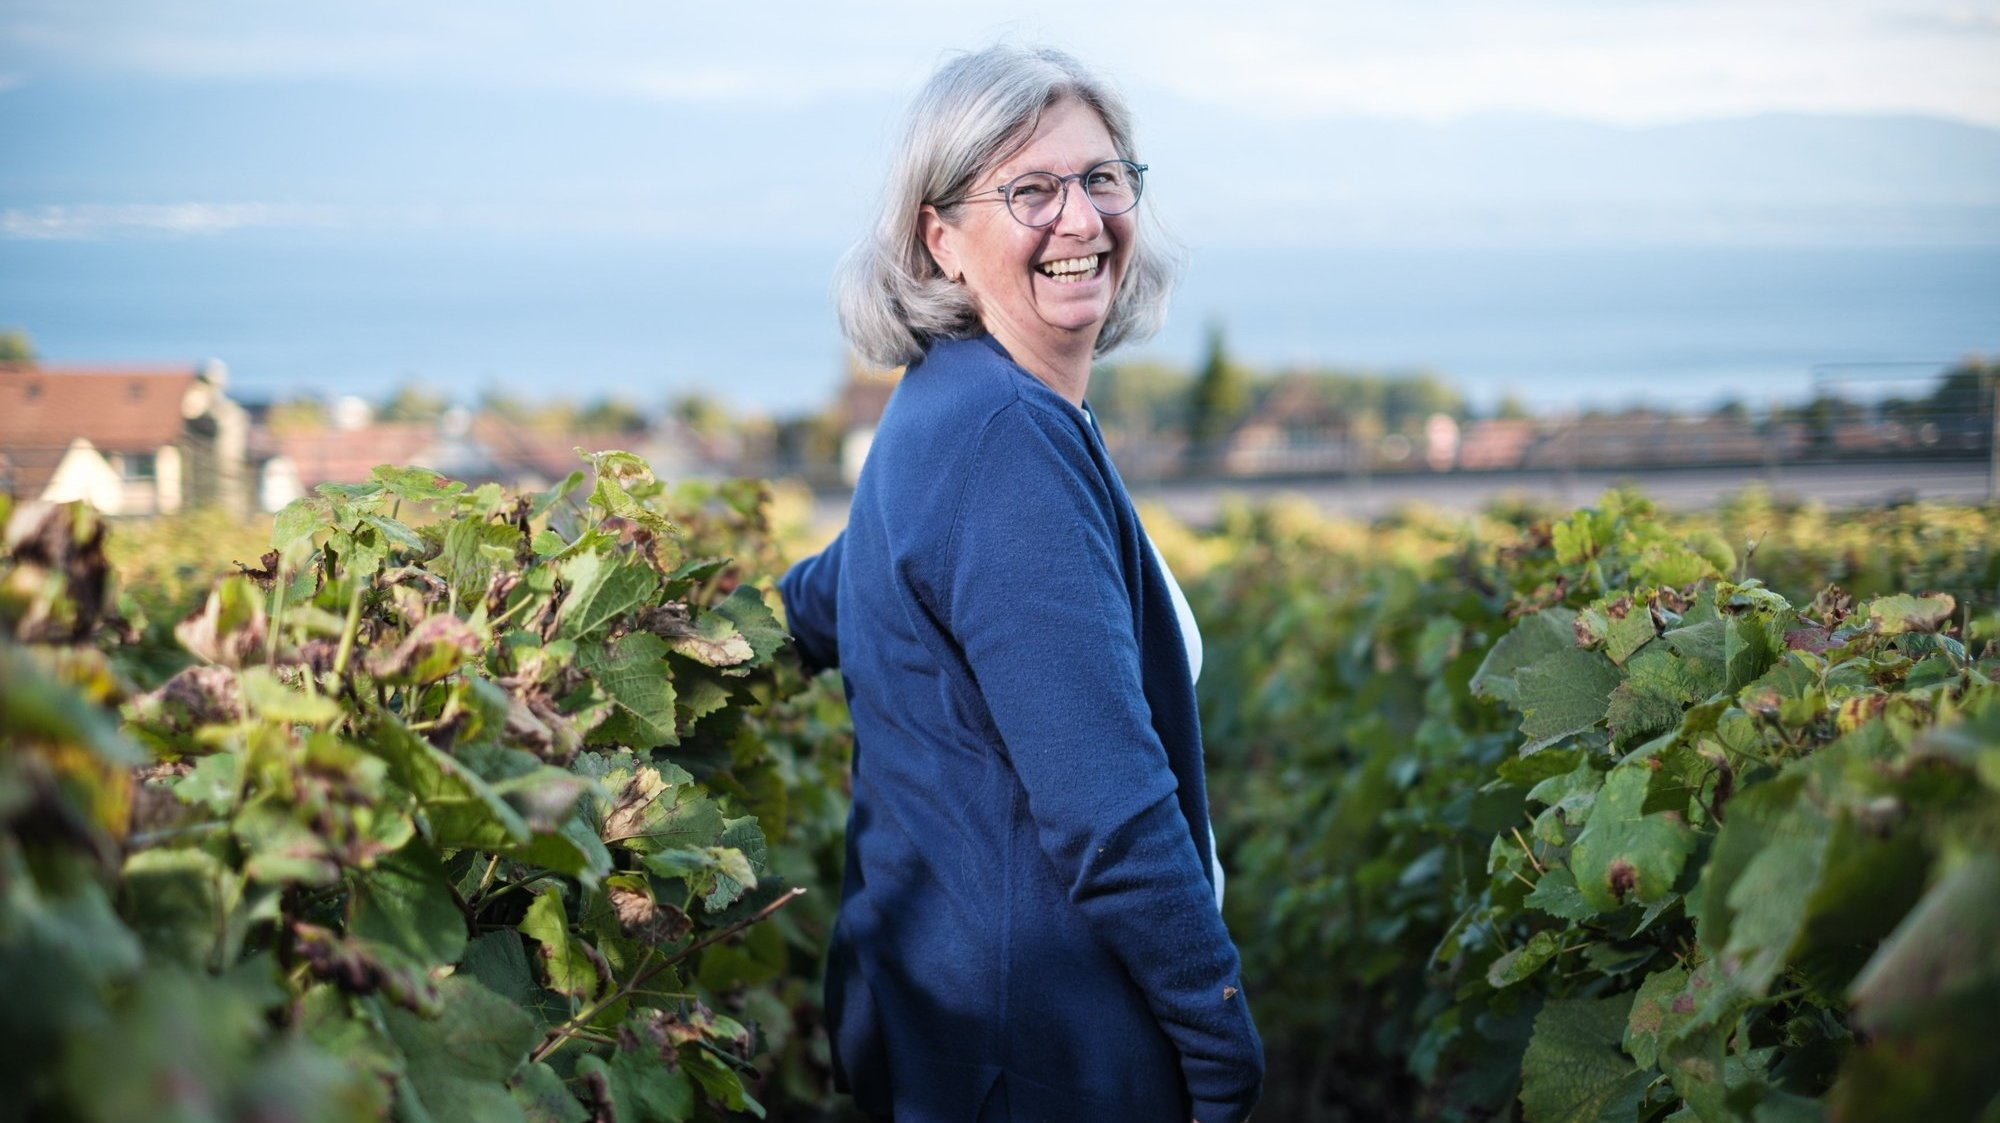 Rolle: 30 vigneronnes suisses se retrouveront pour le salon DiVINes!